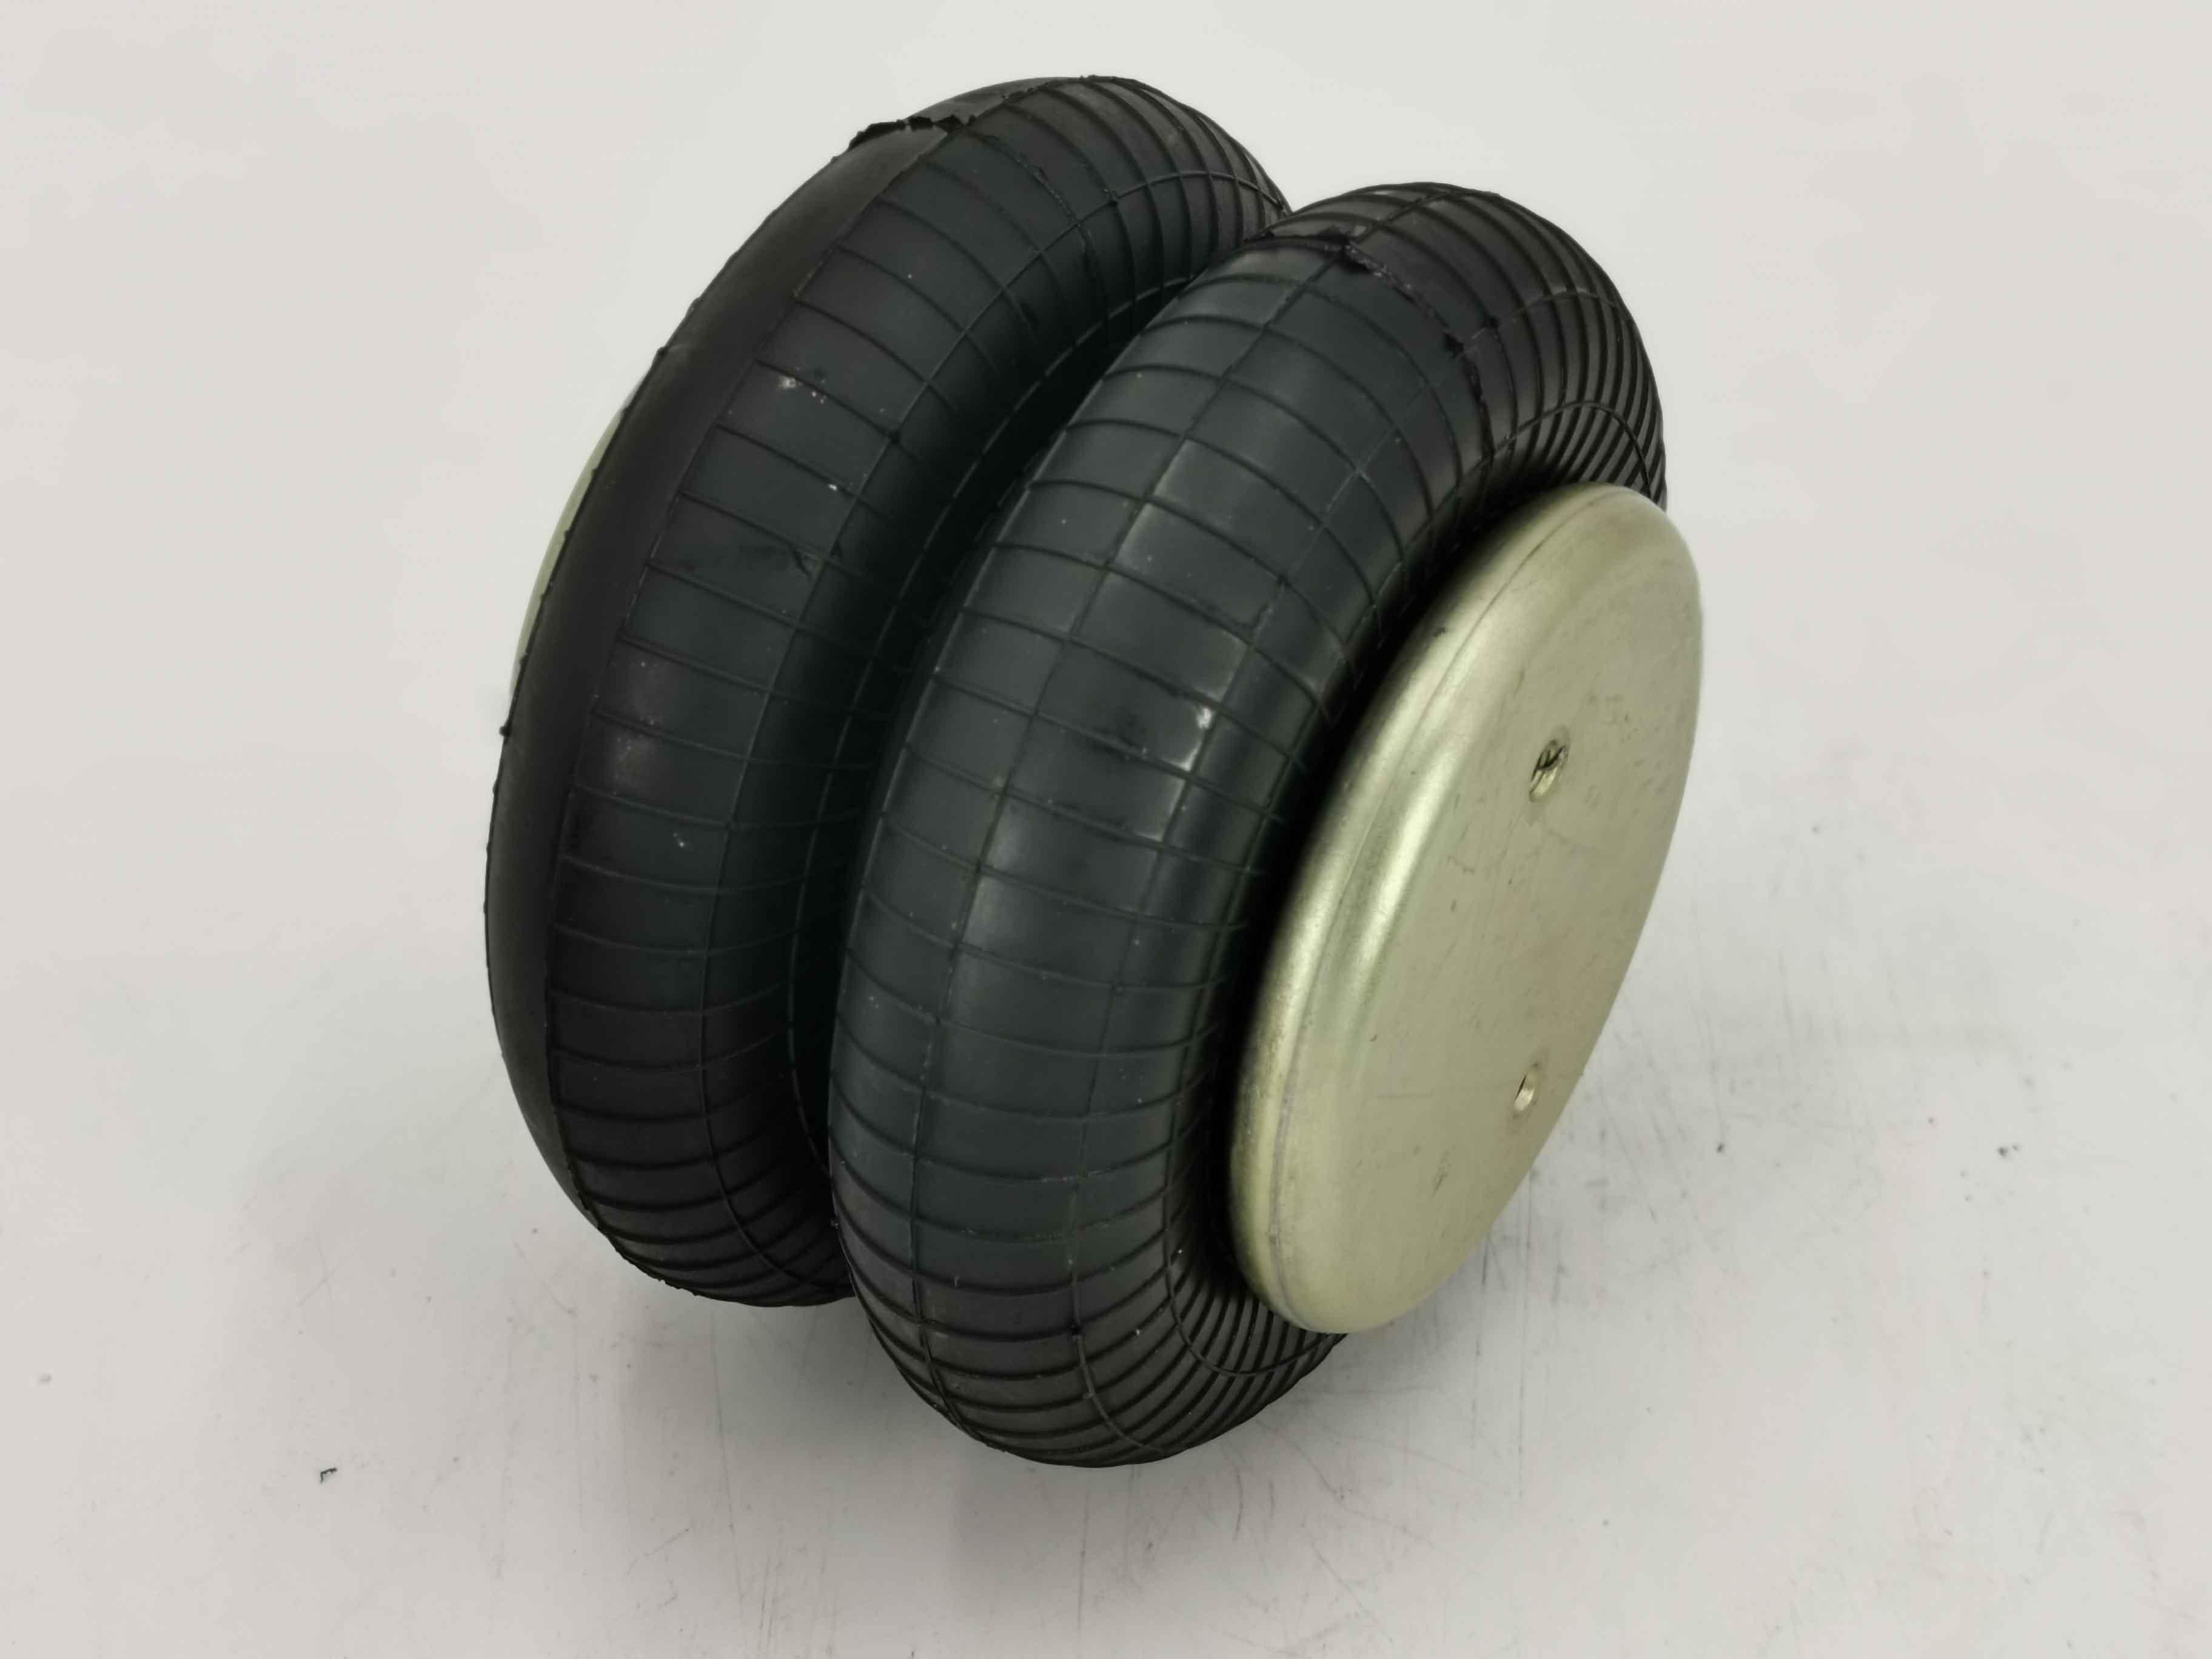 橡胶气囊|为您提供品牌好的橡胶空气弹簧资讯